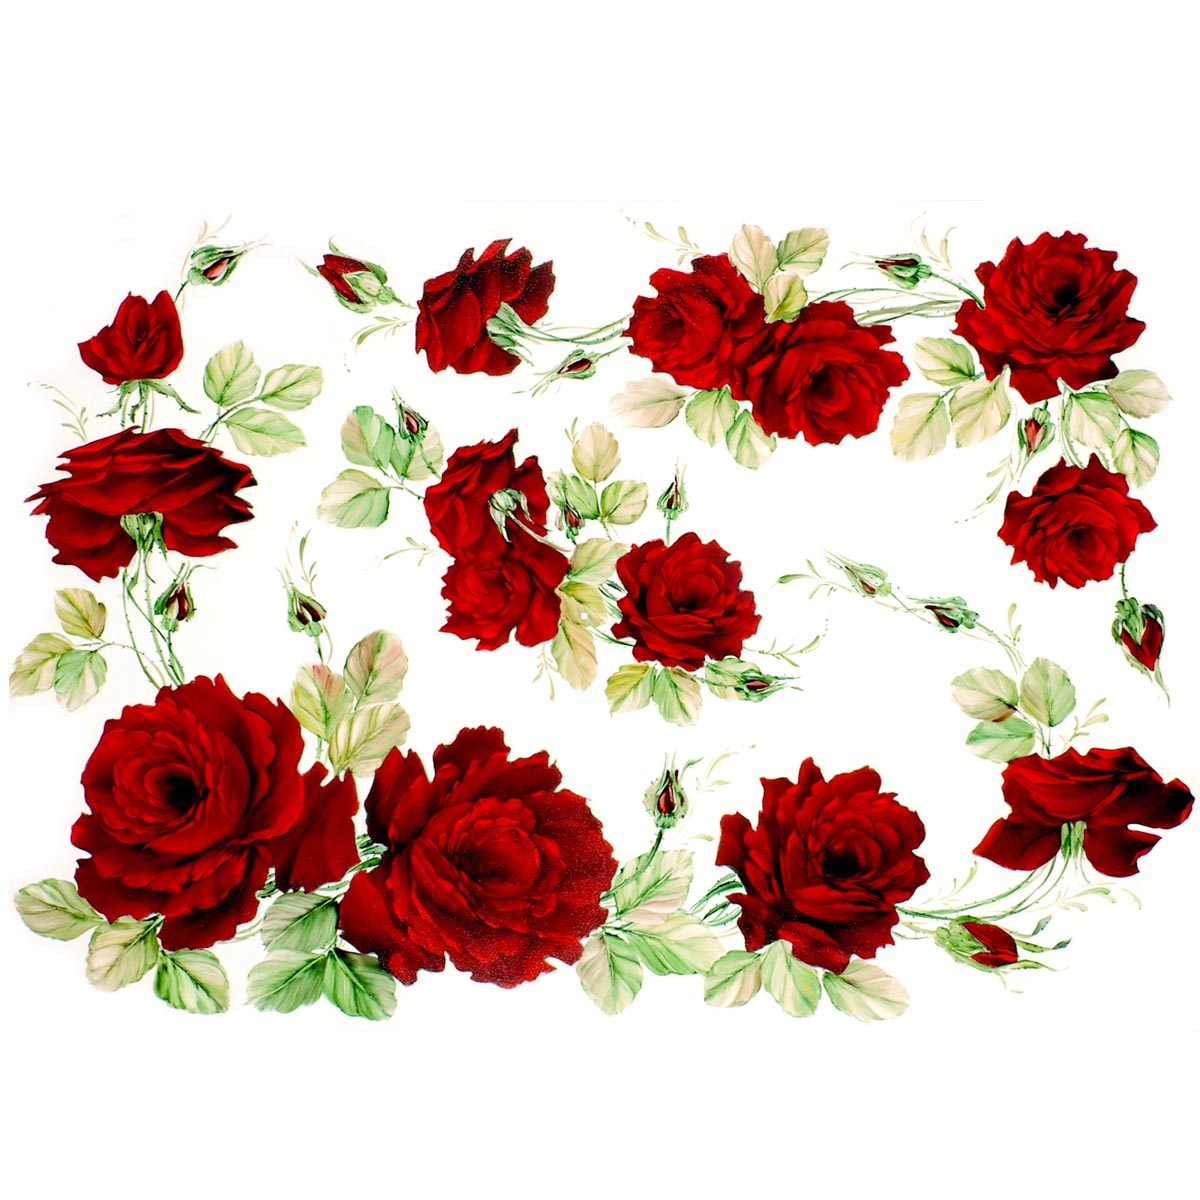 Рисовая бумага для декупажа Renkalik Красные розы, 35 х 50 смNLED-454-9W-BKБумага для декупажа Renkalik предназначена для декорирования предметов. Имеет в составе прожилки риса, которые очень красиво смотрятся на декорируемом изделии, придают ему неповторимую фактуру и создают эффект нанесенного кистью рисунка. Подходит для декора в технике декупаж на стекле, дереве, пластике, металле и любых других поверхностях. Плотность бумаги: 25 г/м2.